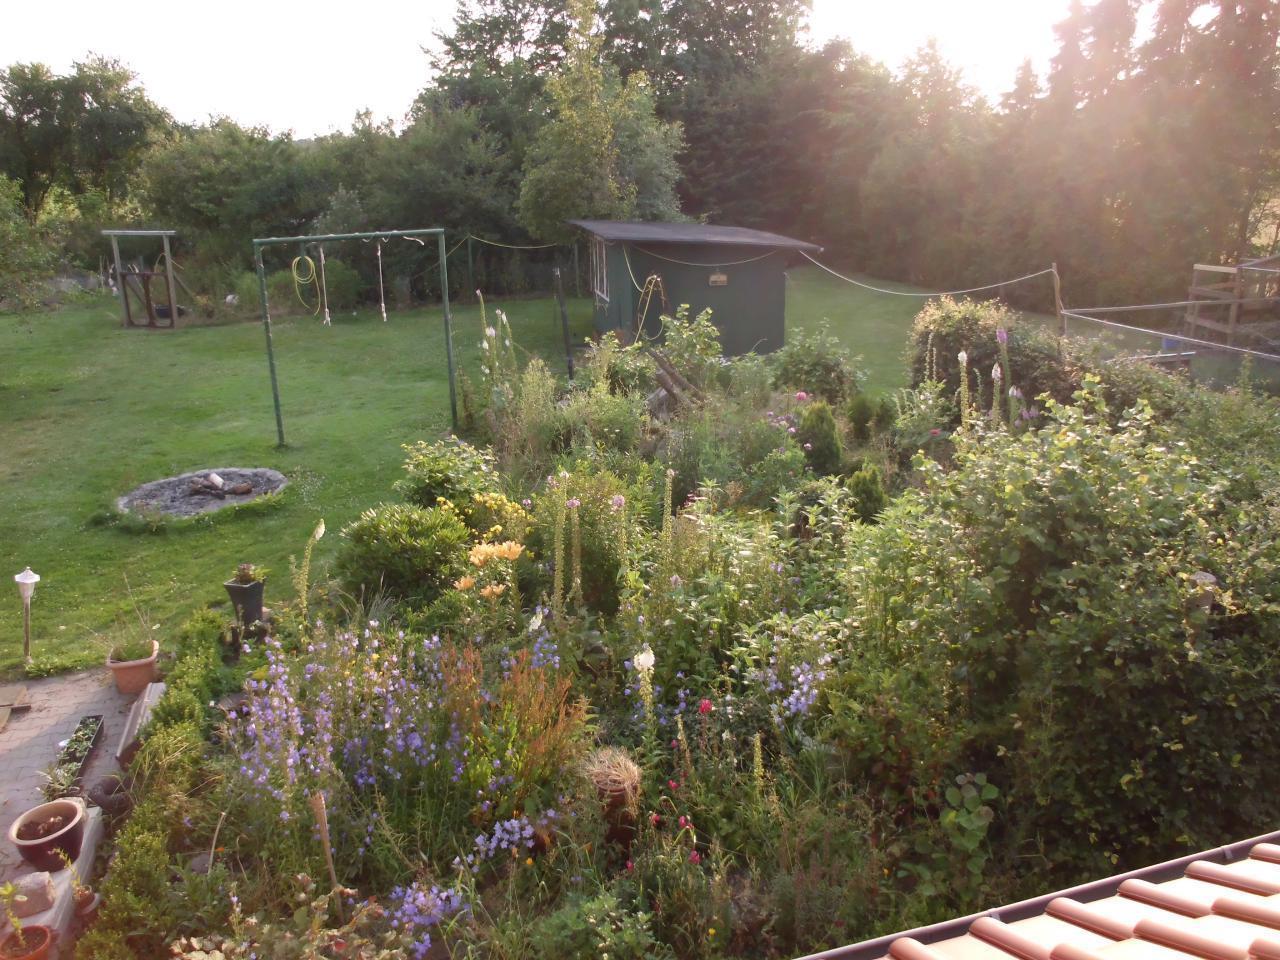 Der Blick aus dem Wohnzimmerfenster im Sommer. Auf dem Rasen darf auch gespielt und gechillt werden.